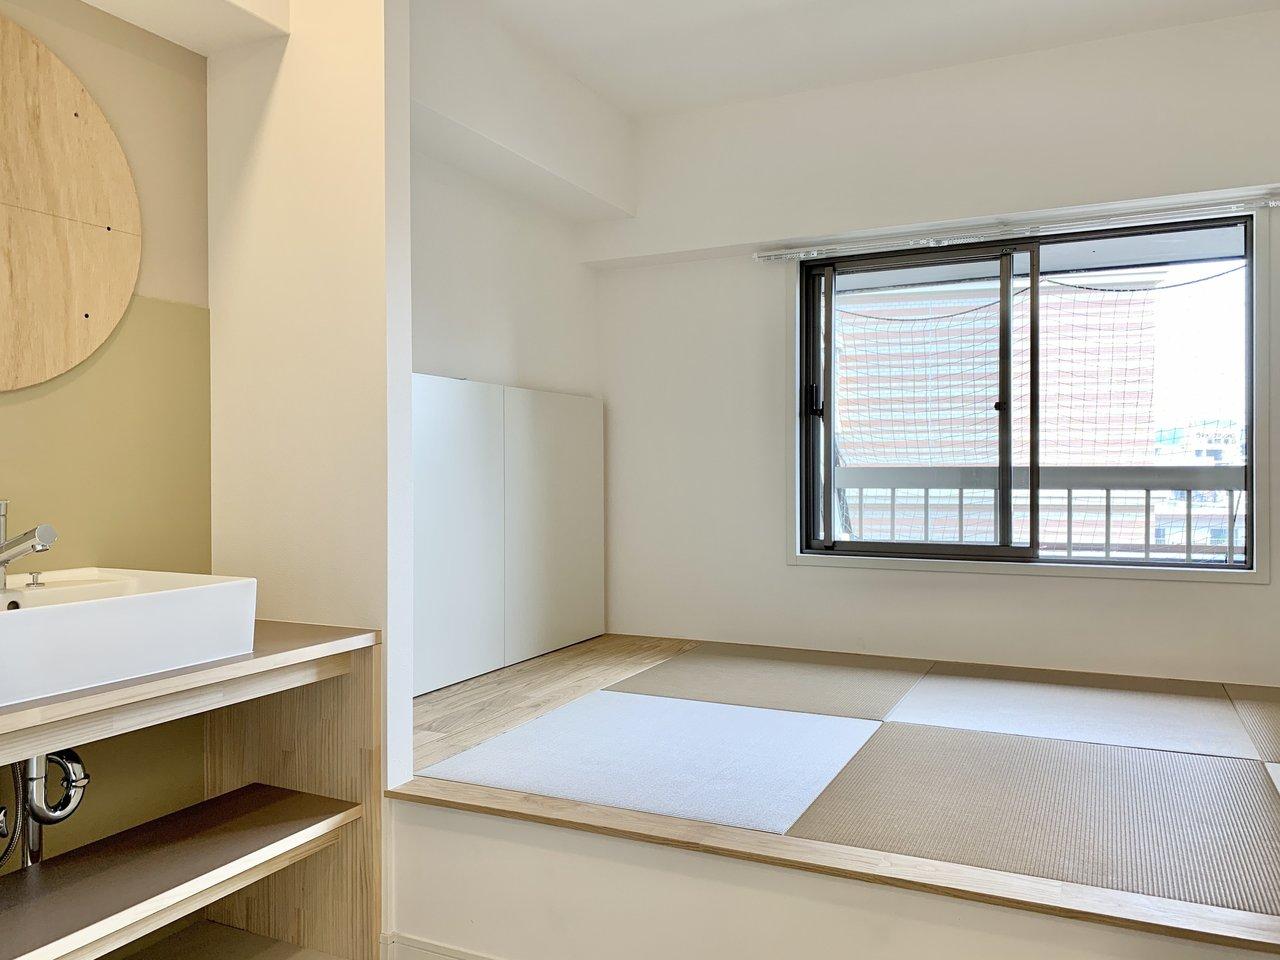 水回りスペースの隣にある、畳敷きの小上がりスペースが特徴です